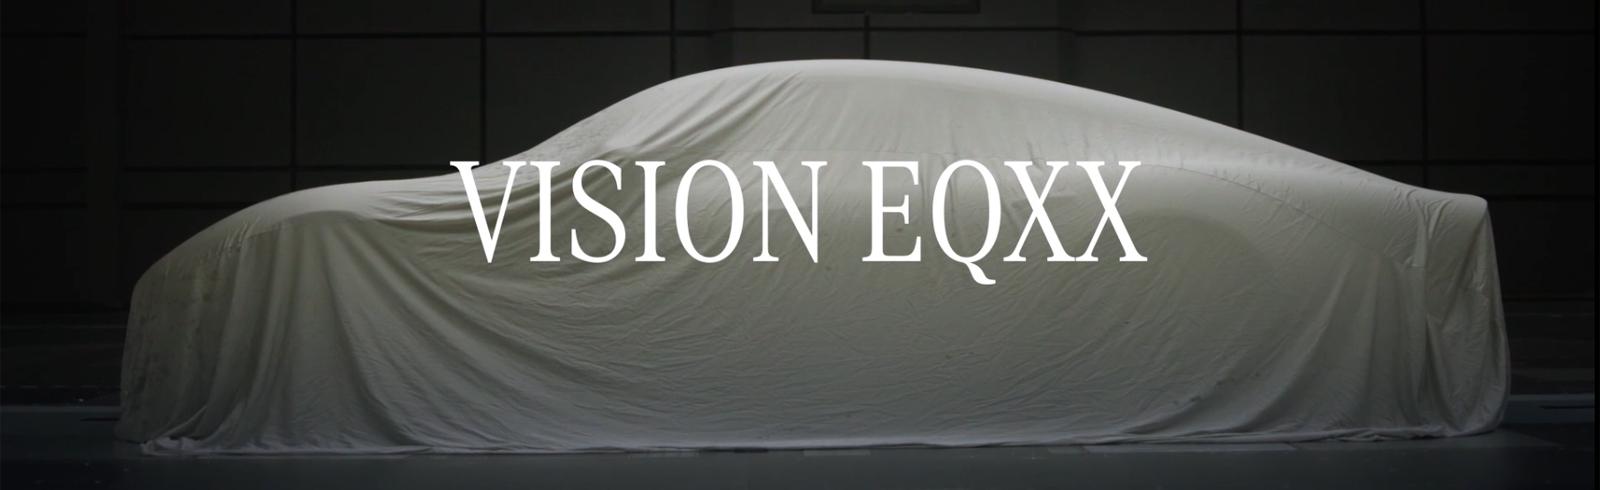 Mercedes-Benz details the Vision EQXX concept a bit